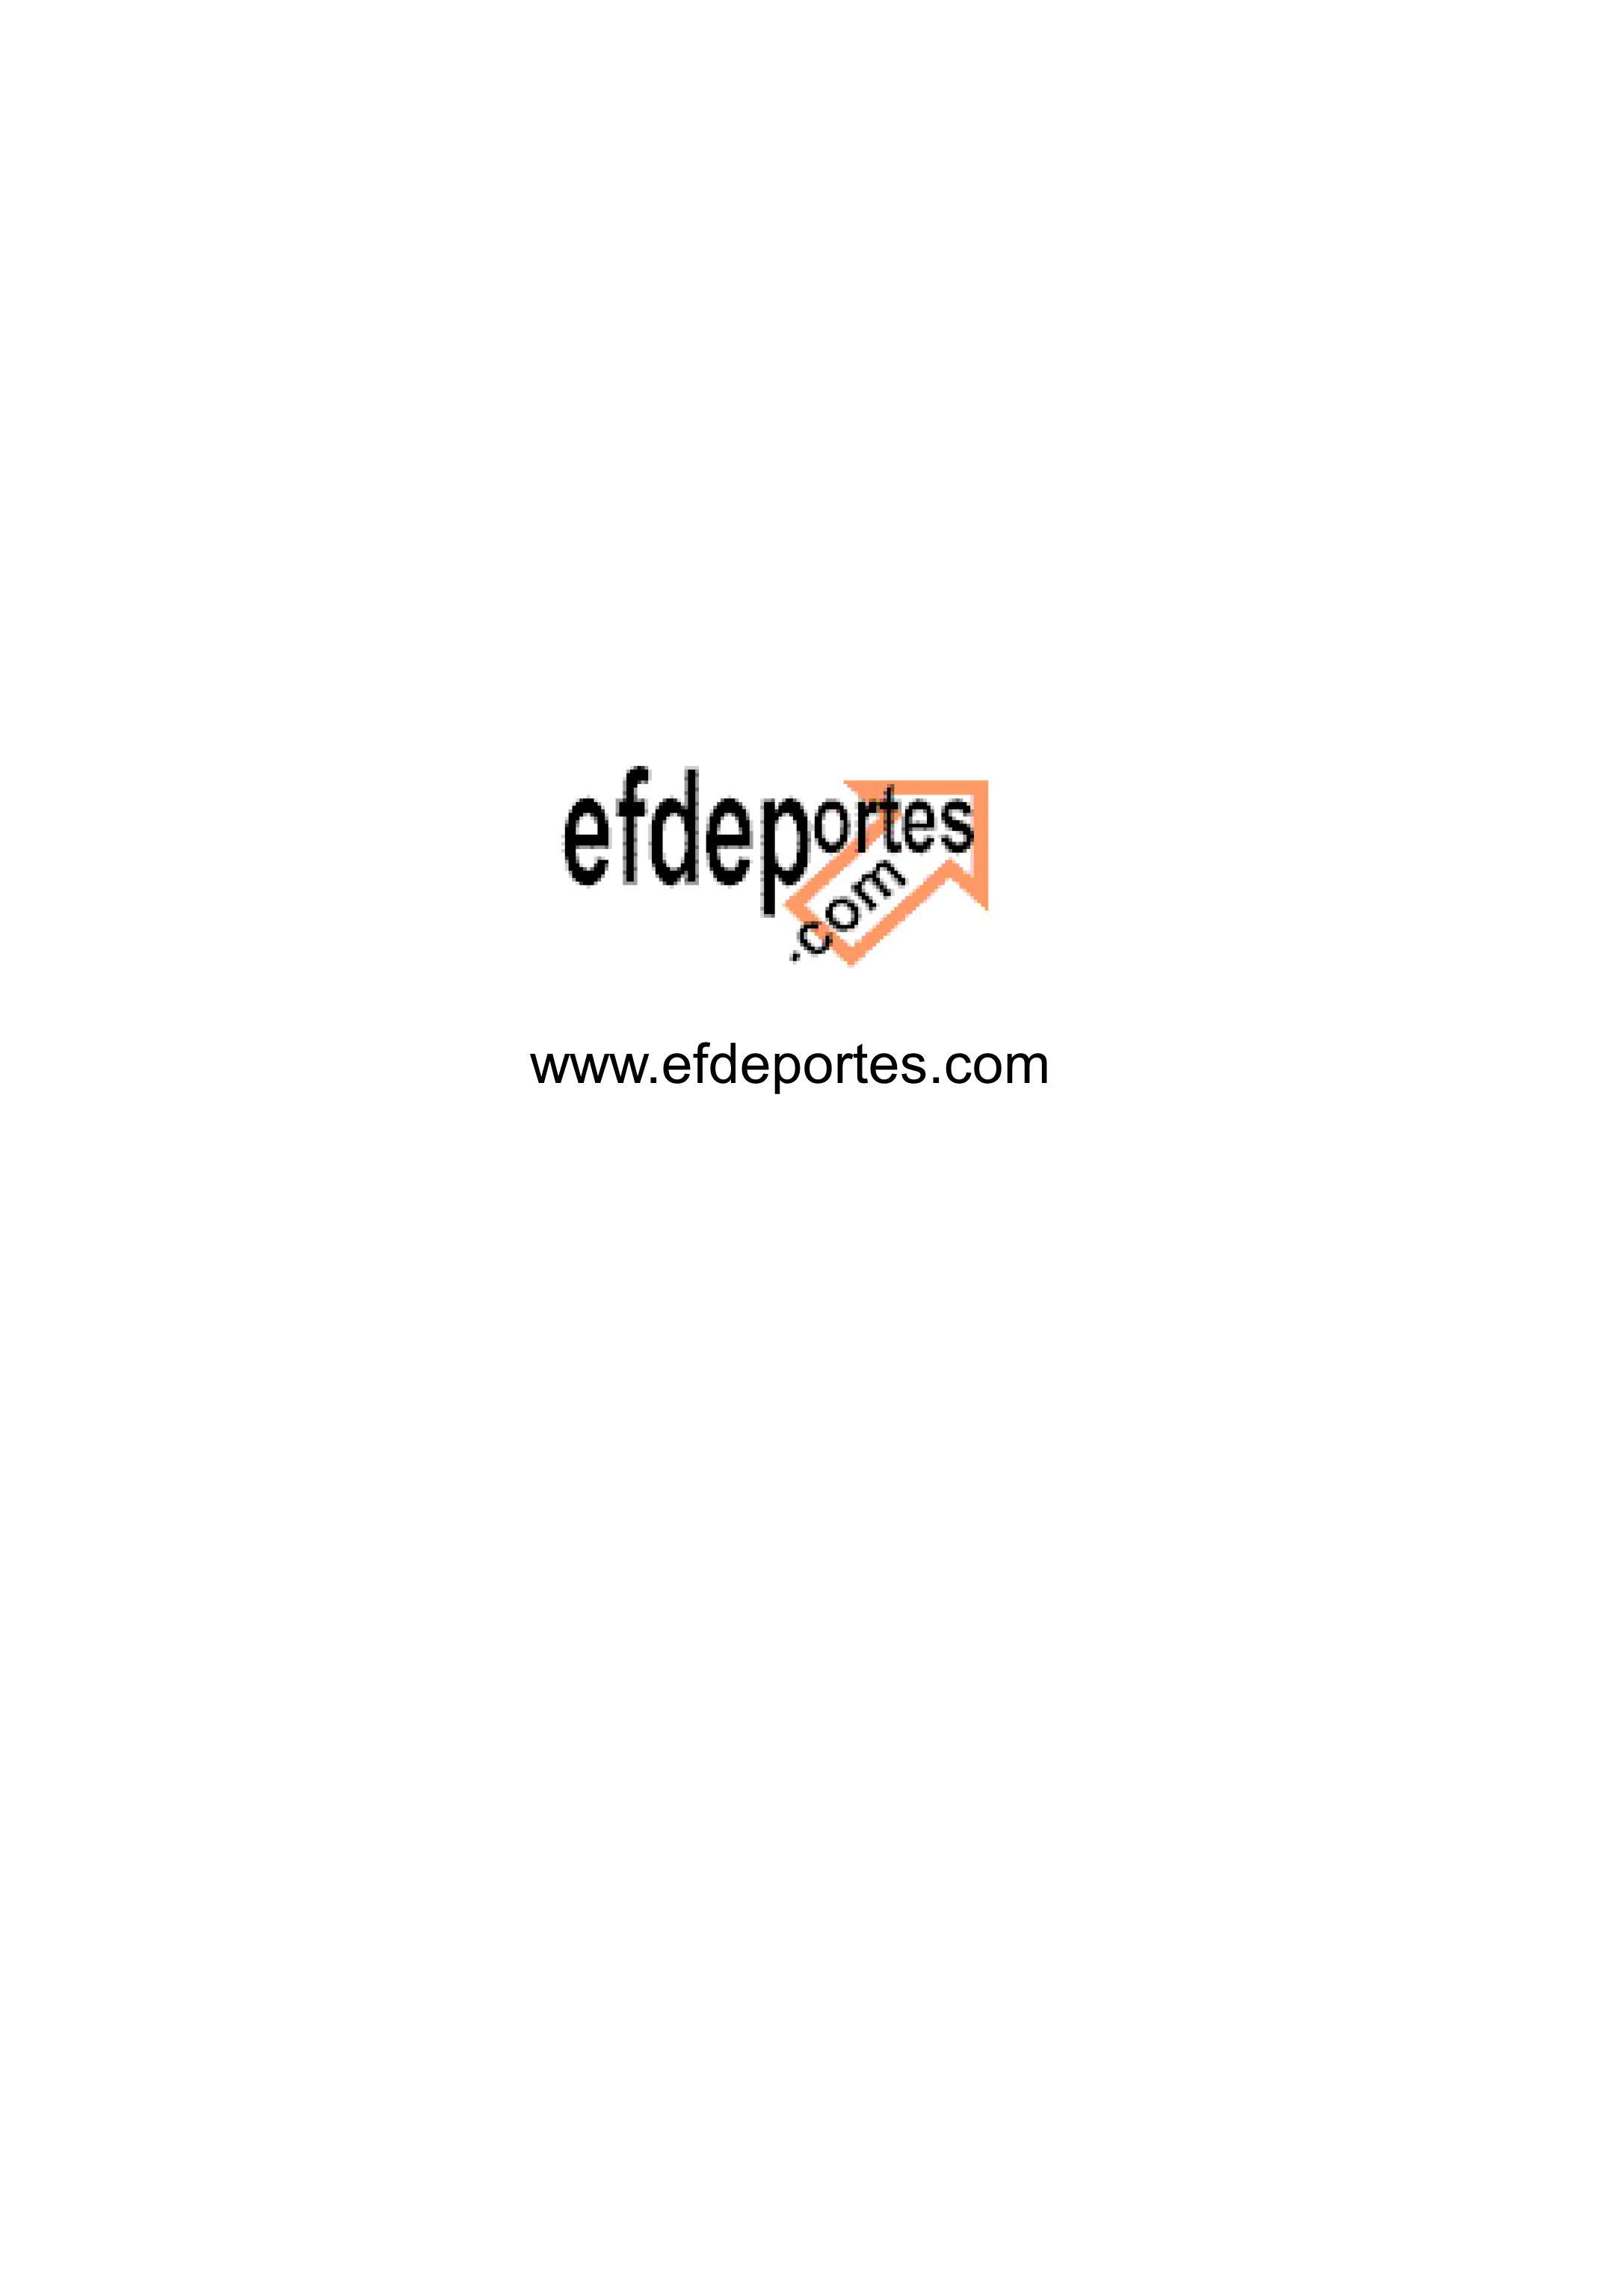 www.efdeportes.com